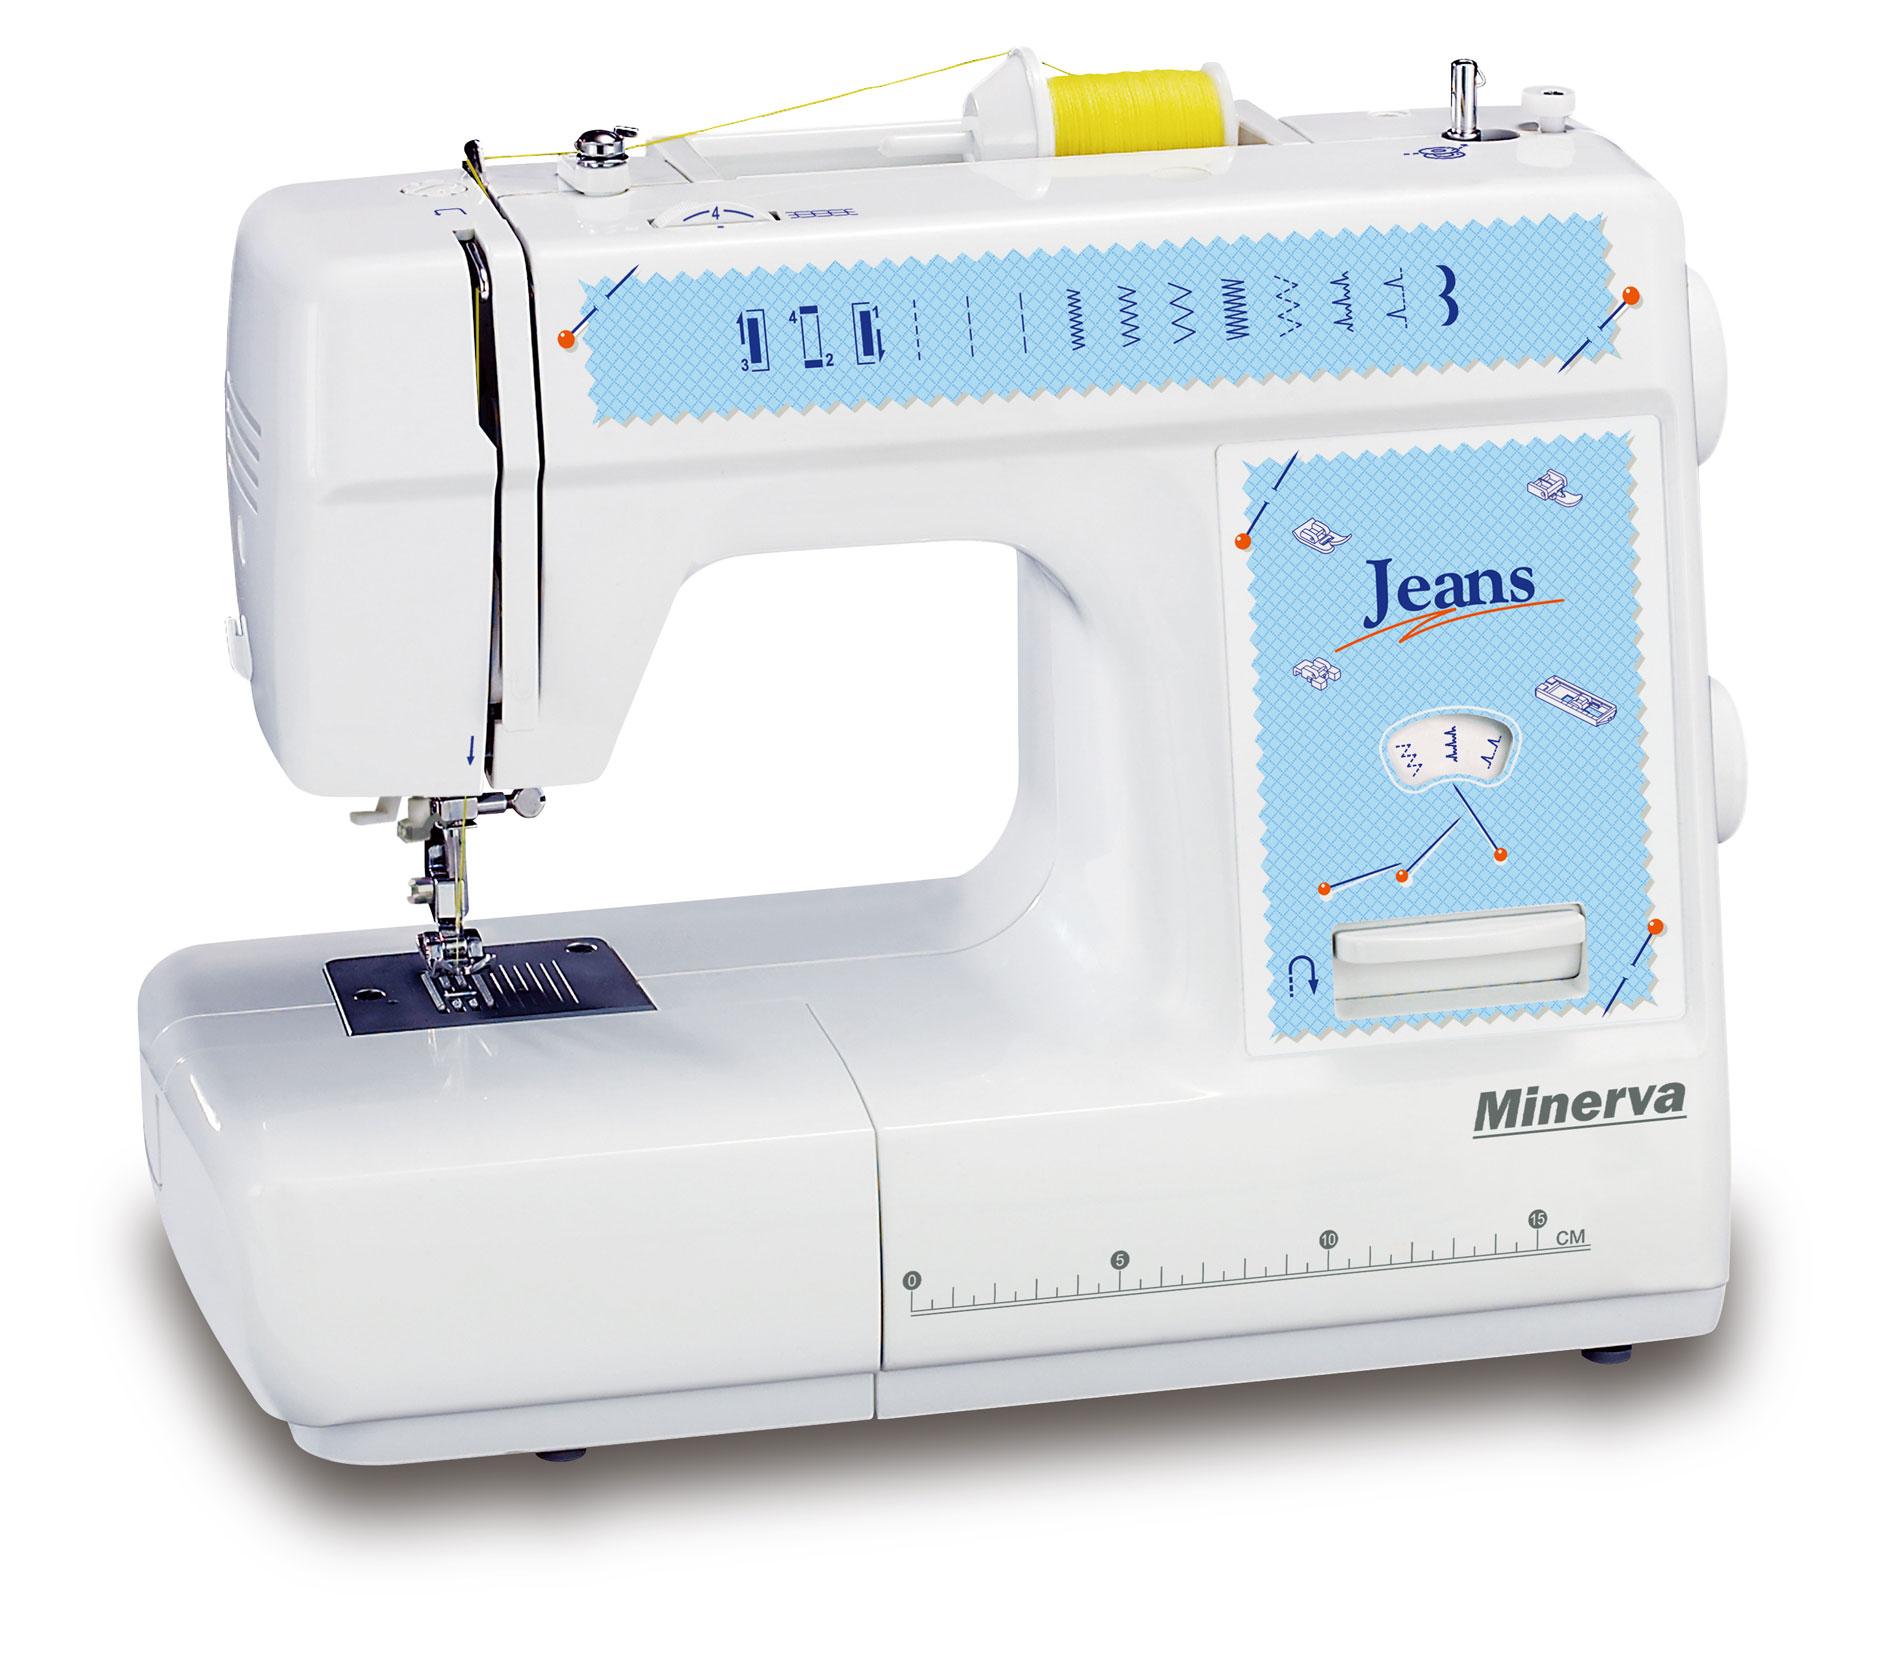 Новые модели швейных машин Minerva уже в продаже! - фото 2 - новость в интернет-магазине Sewgroup